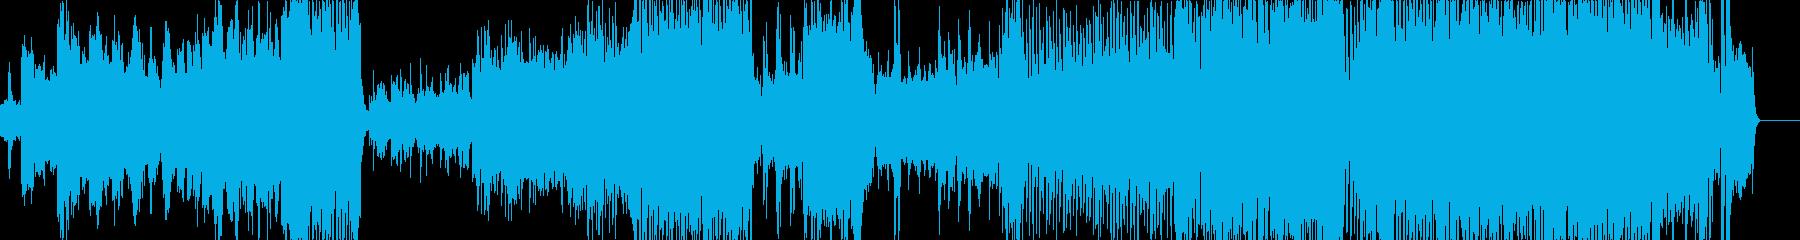 よさこい オーケストラ 三味線 日本の再生済みの波形